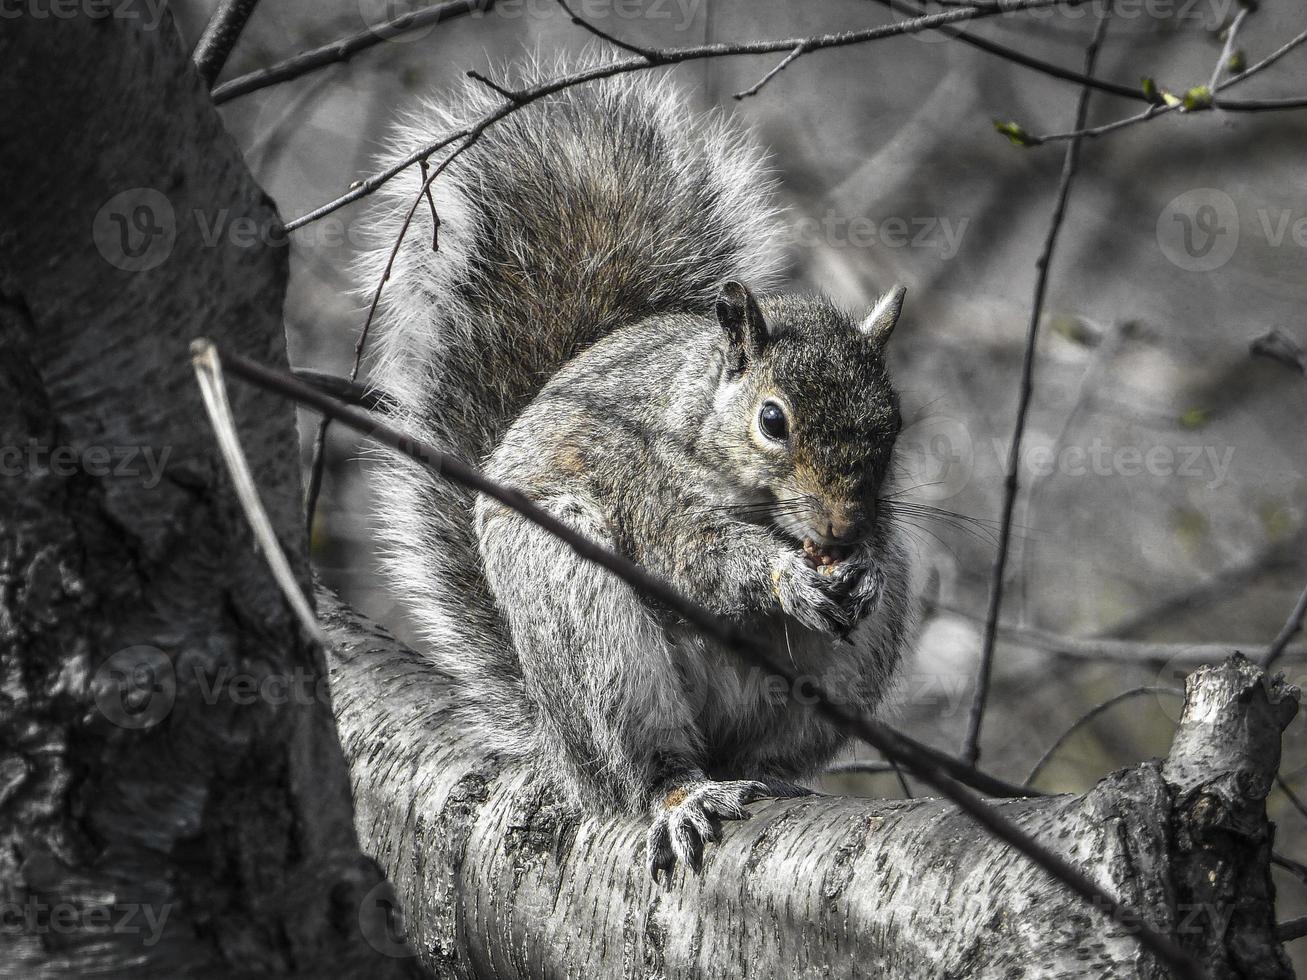 esquilo no central park - cidade de nova york foto